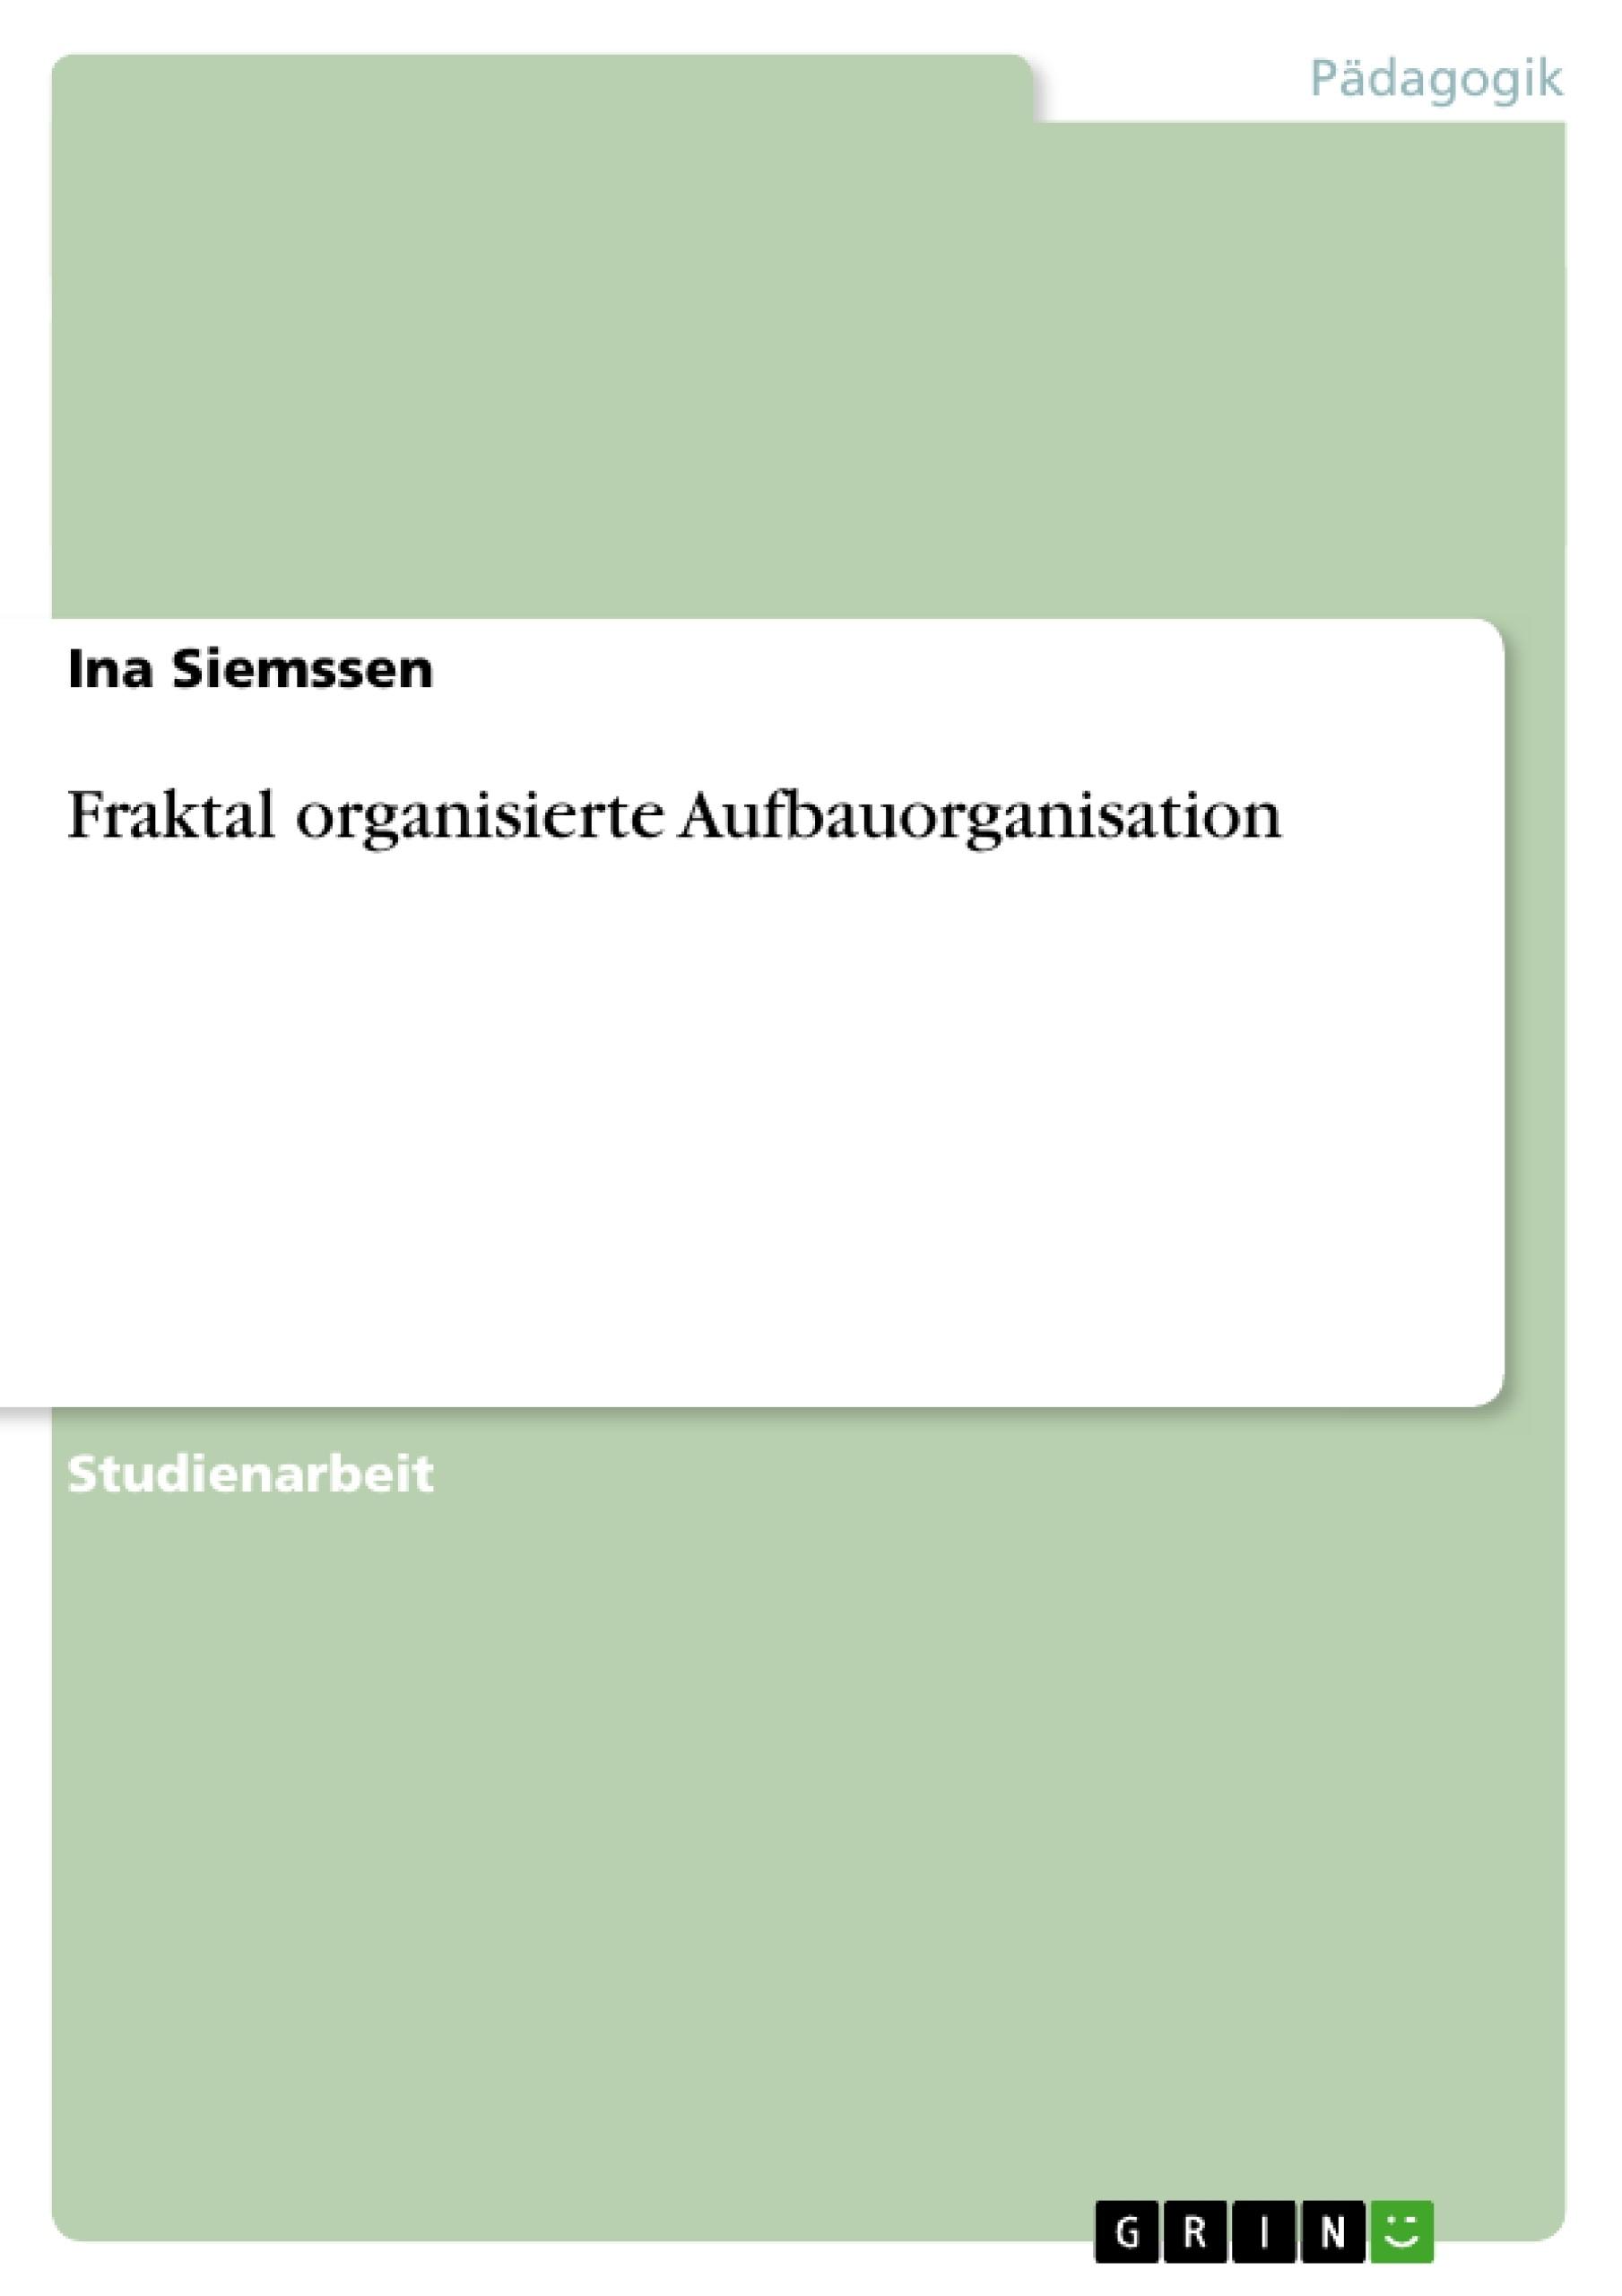 Titel: Fraktal organisierte Aufbauorganisation